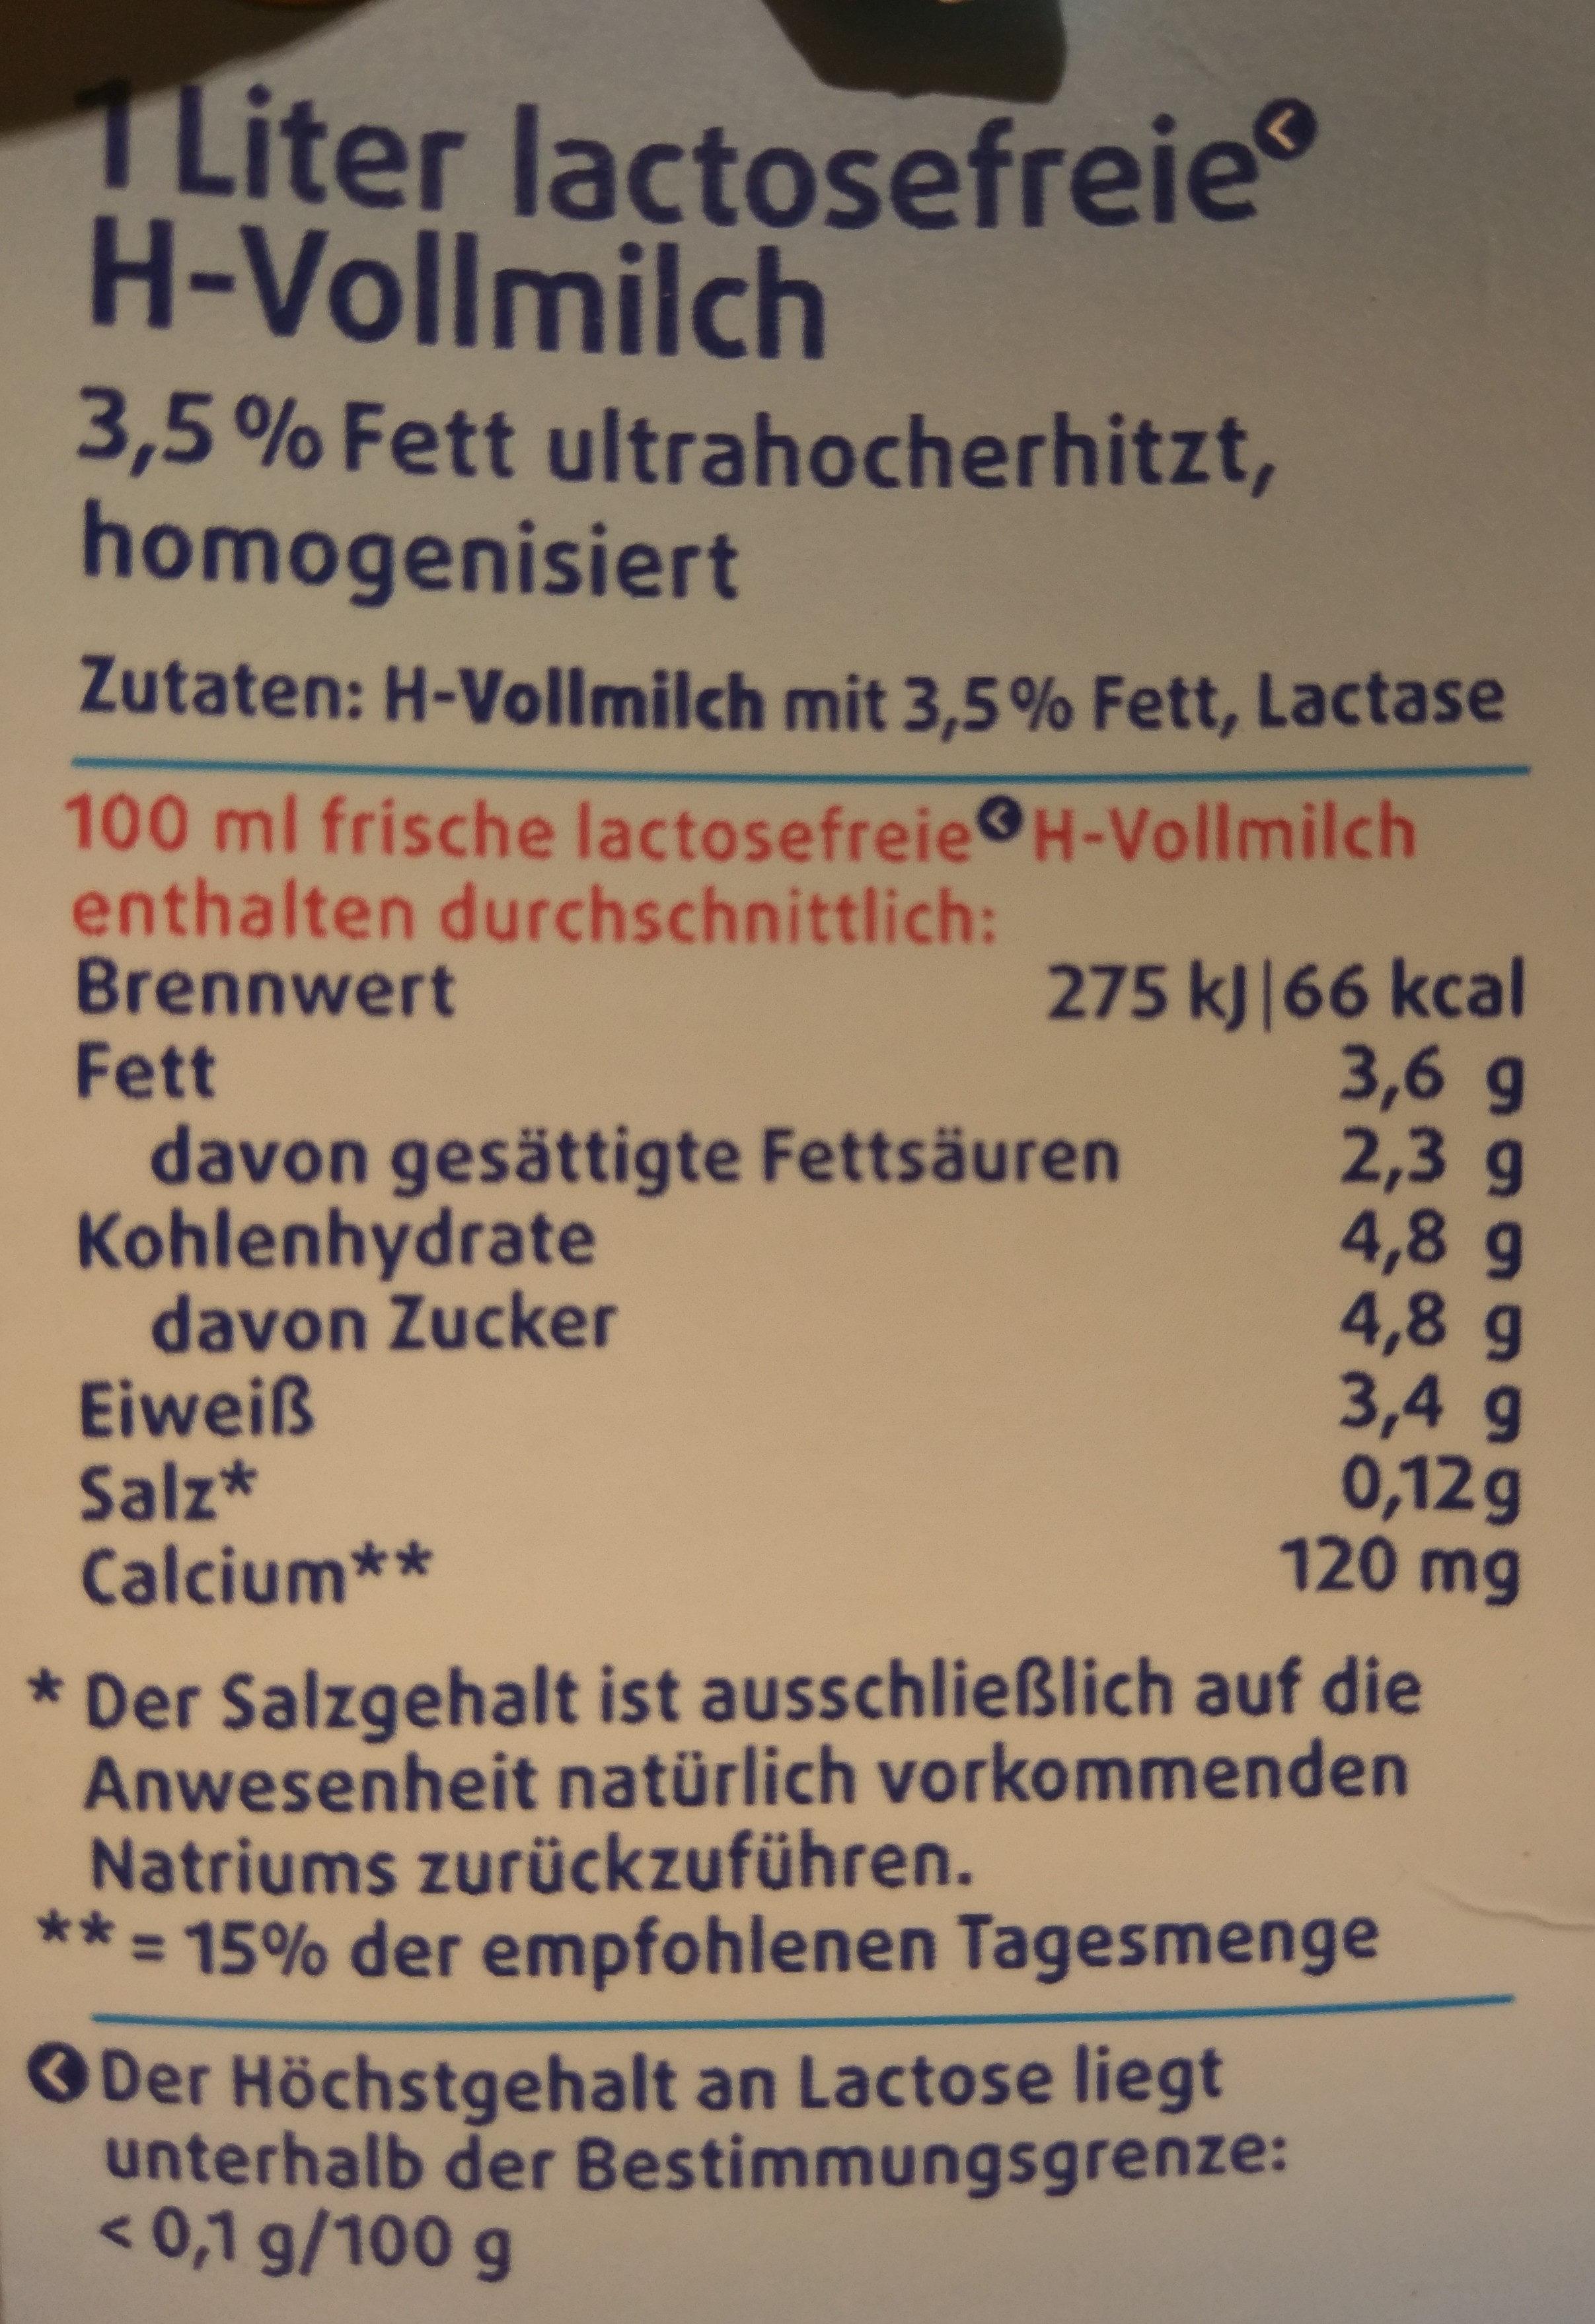 H-Vollmilch 3,5% Fett - Voedingswaarden - de